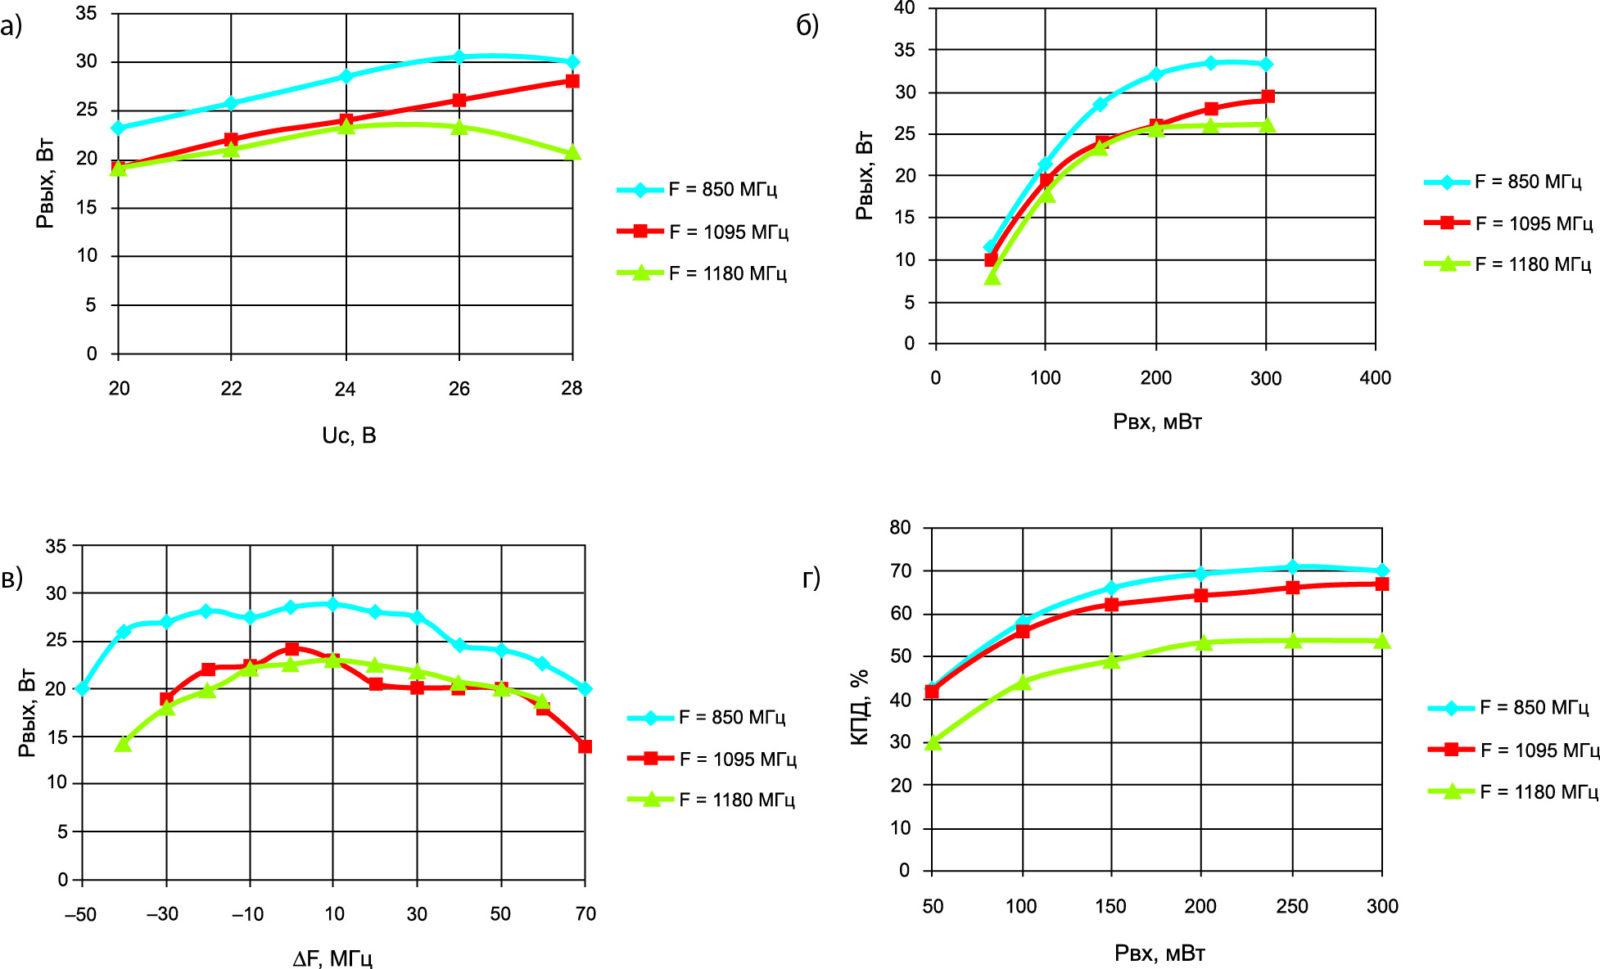 Основные результаты проведенных исследований с 25-Вт транзистором — зависимости: а) выходной мощности макета усилителя от напряжения стока; б) выходной мощности макета усилителя от мощности на входе; в) Рвых макета усилителя от частоты; г) КПД макета усилителя от входной мощности